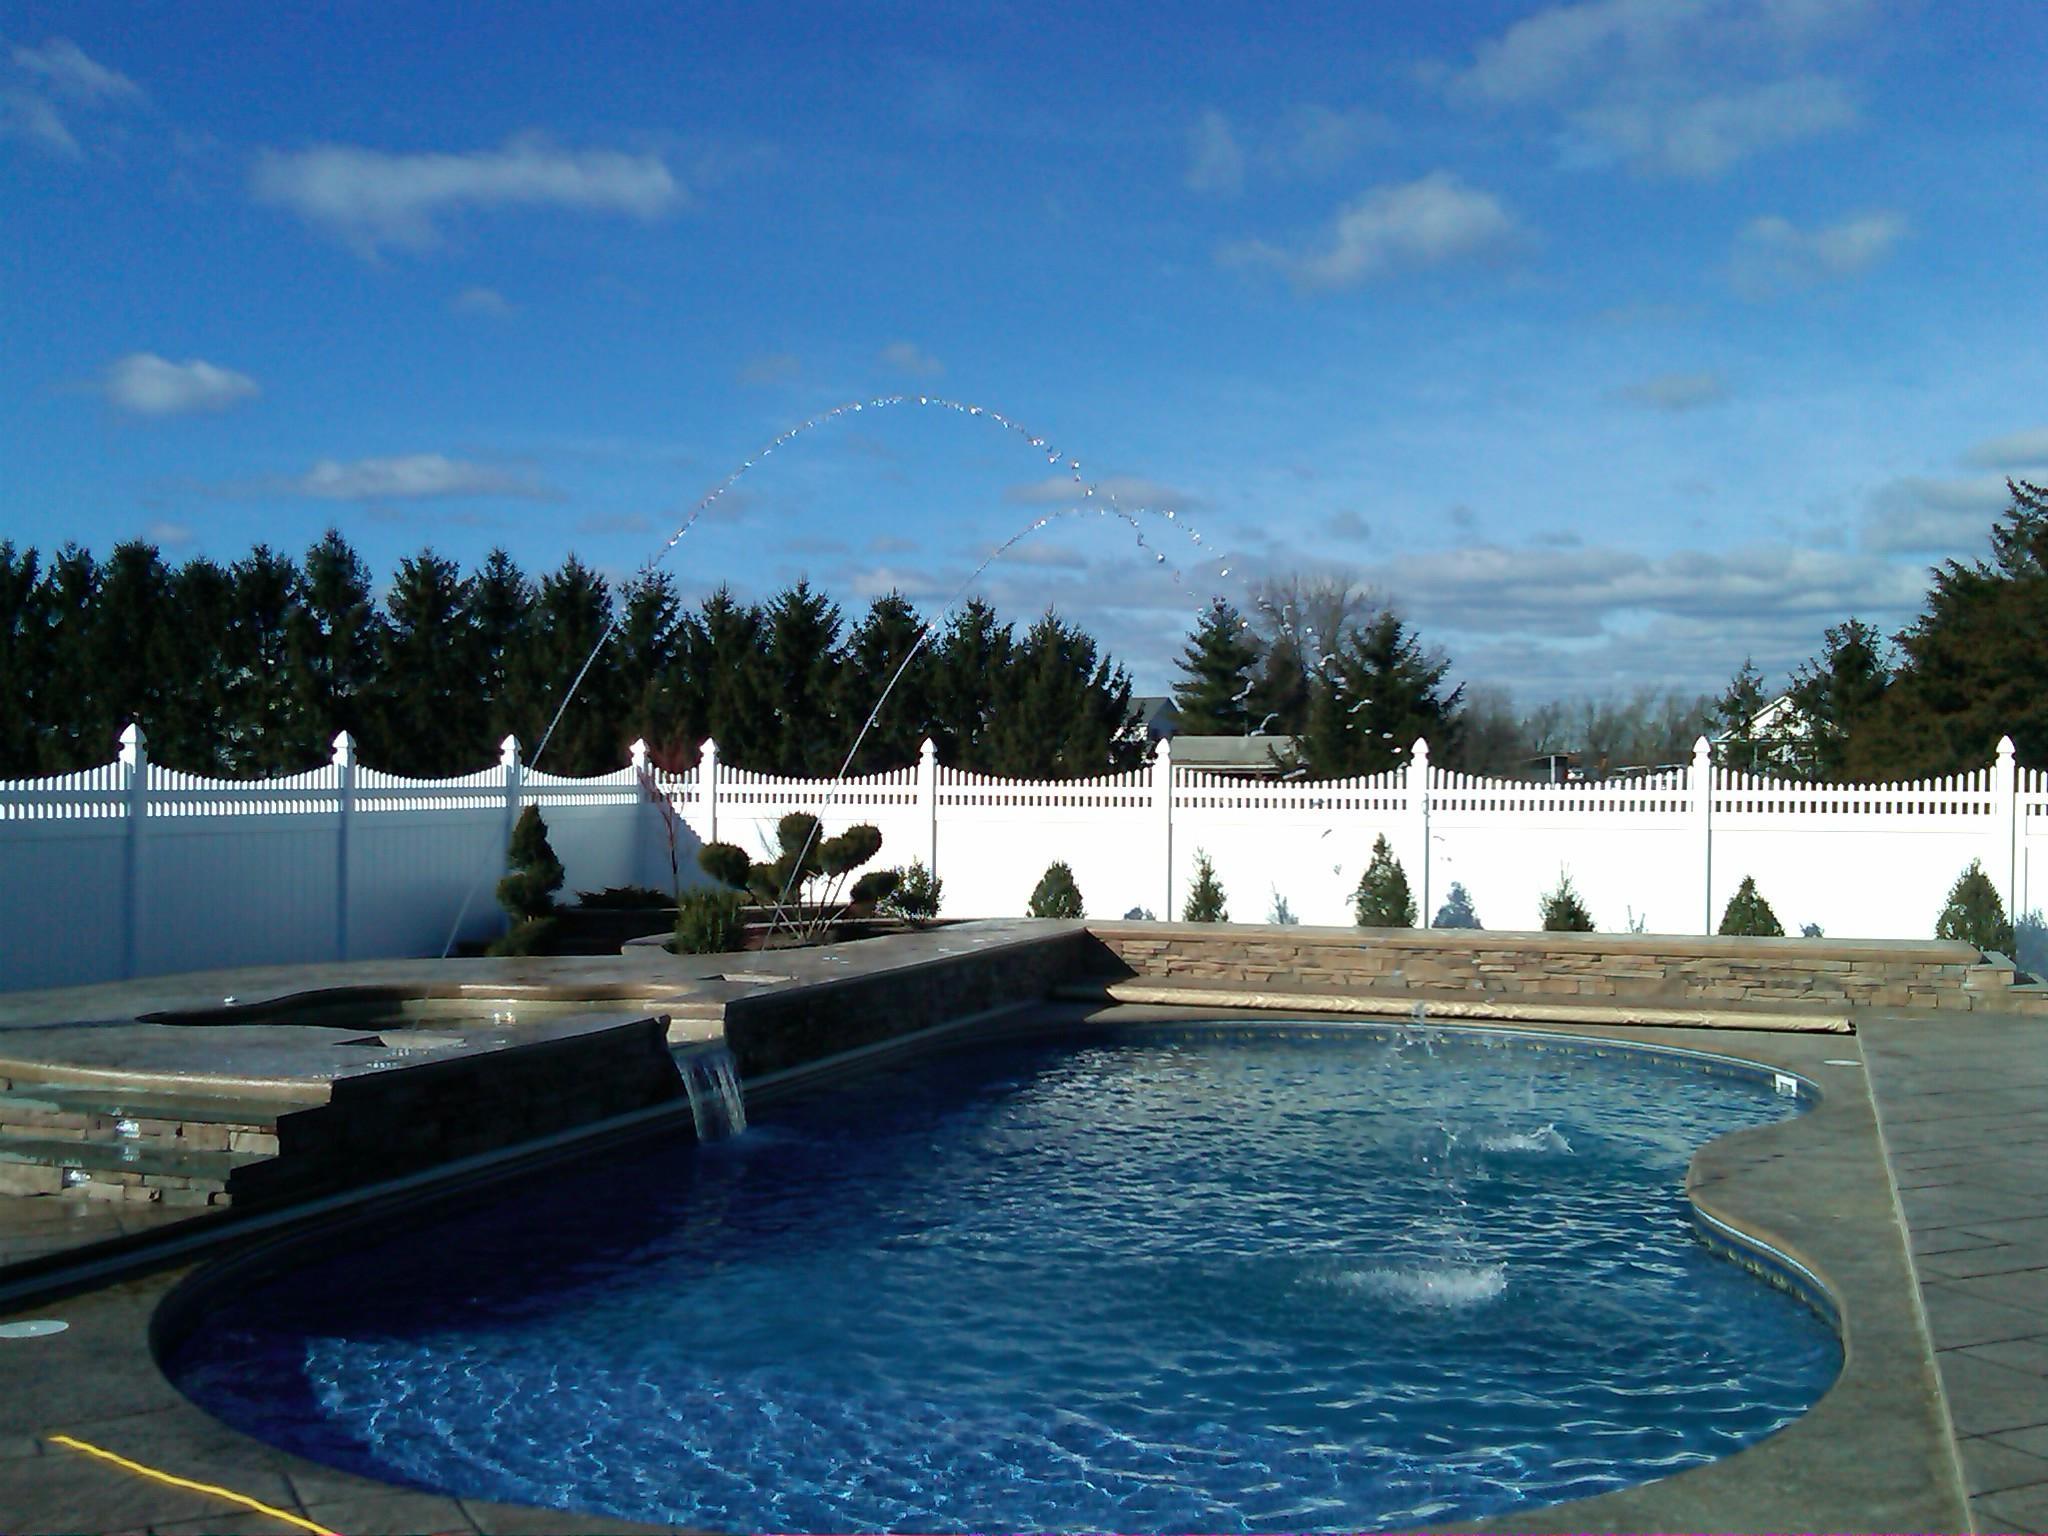 Royal Pools Construction image 1